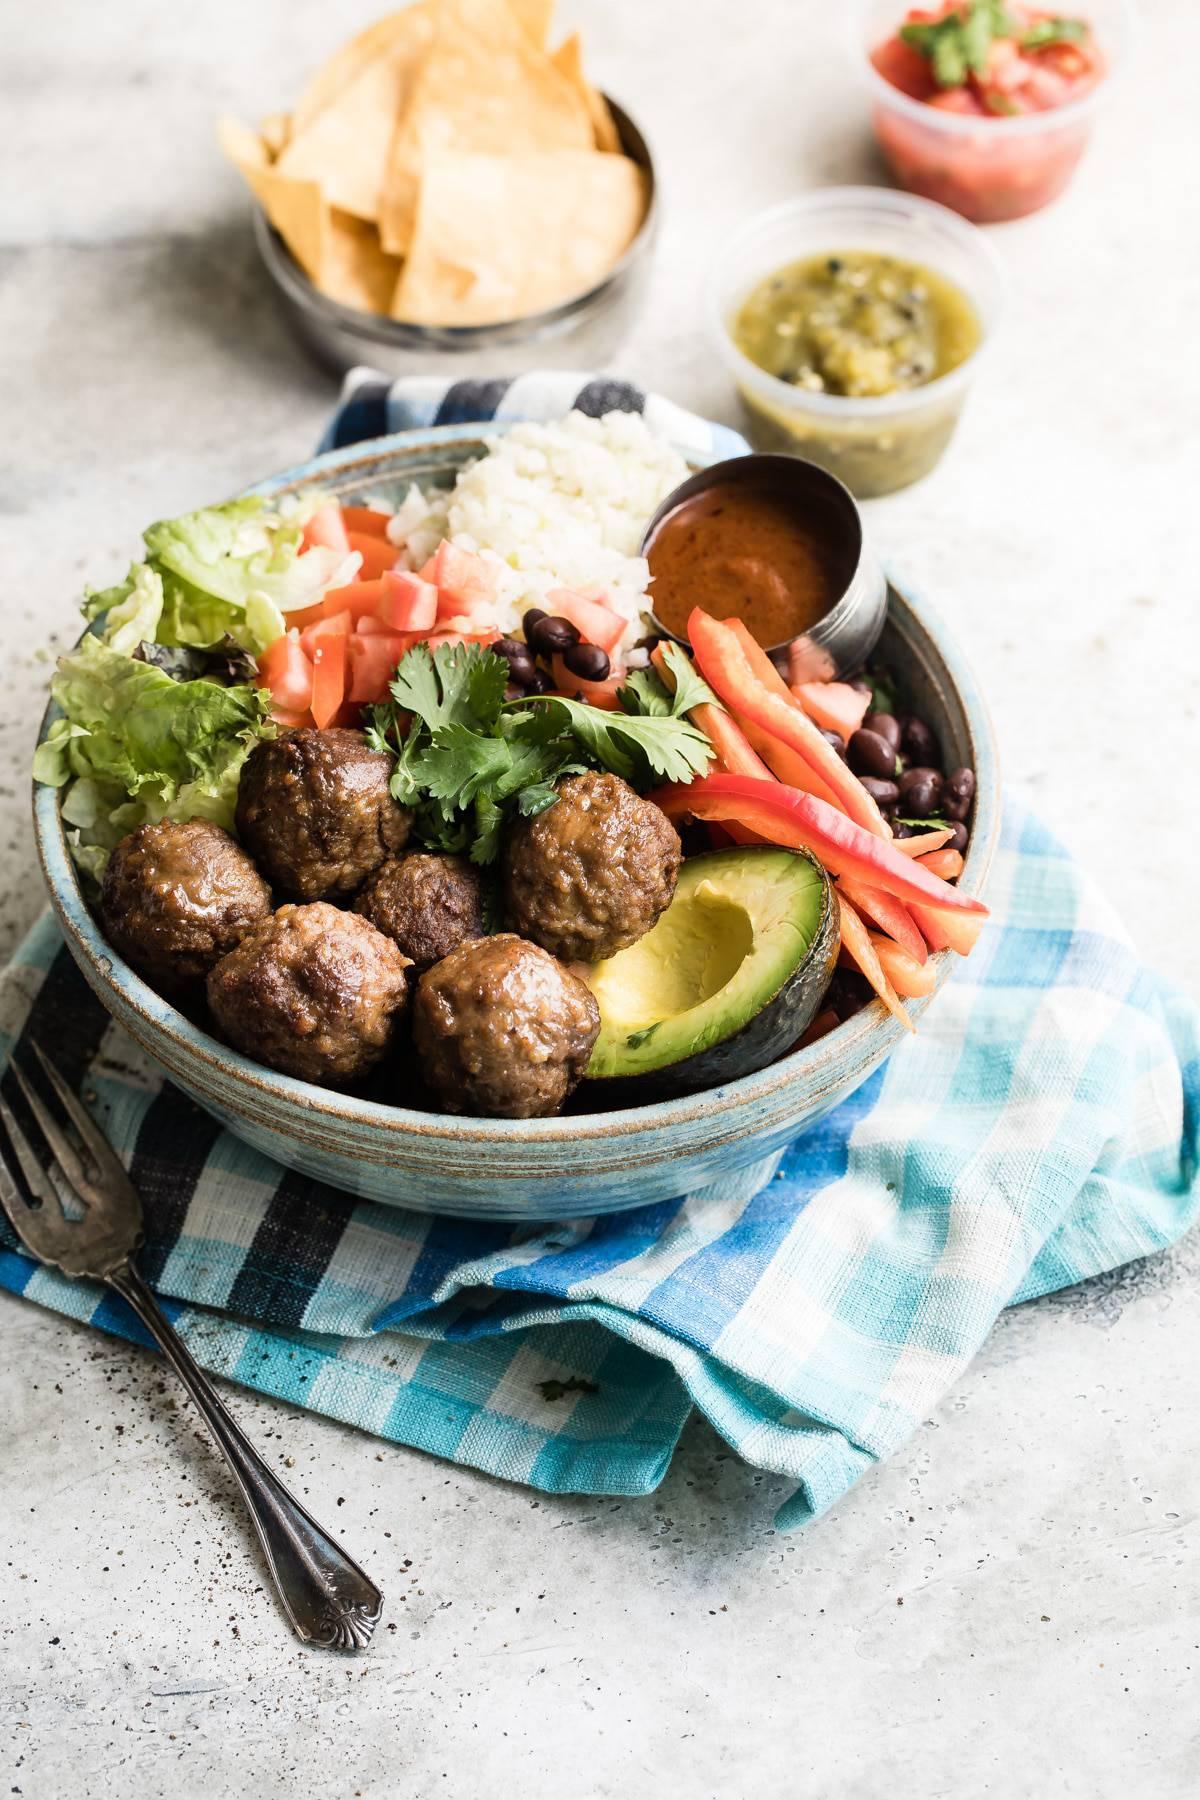 meatball burrito bowl with salsa